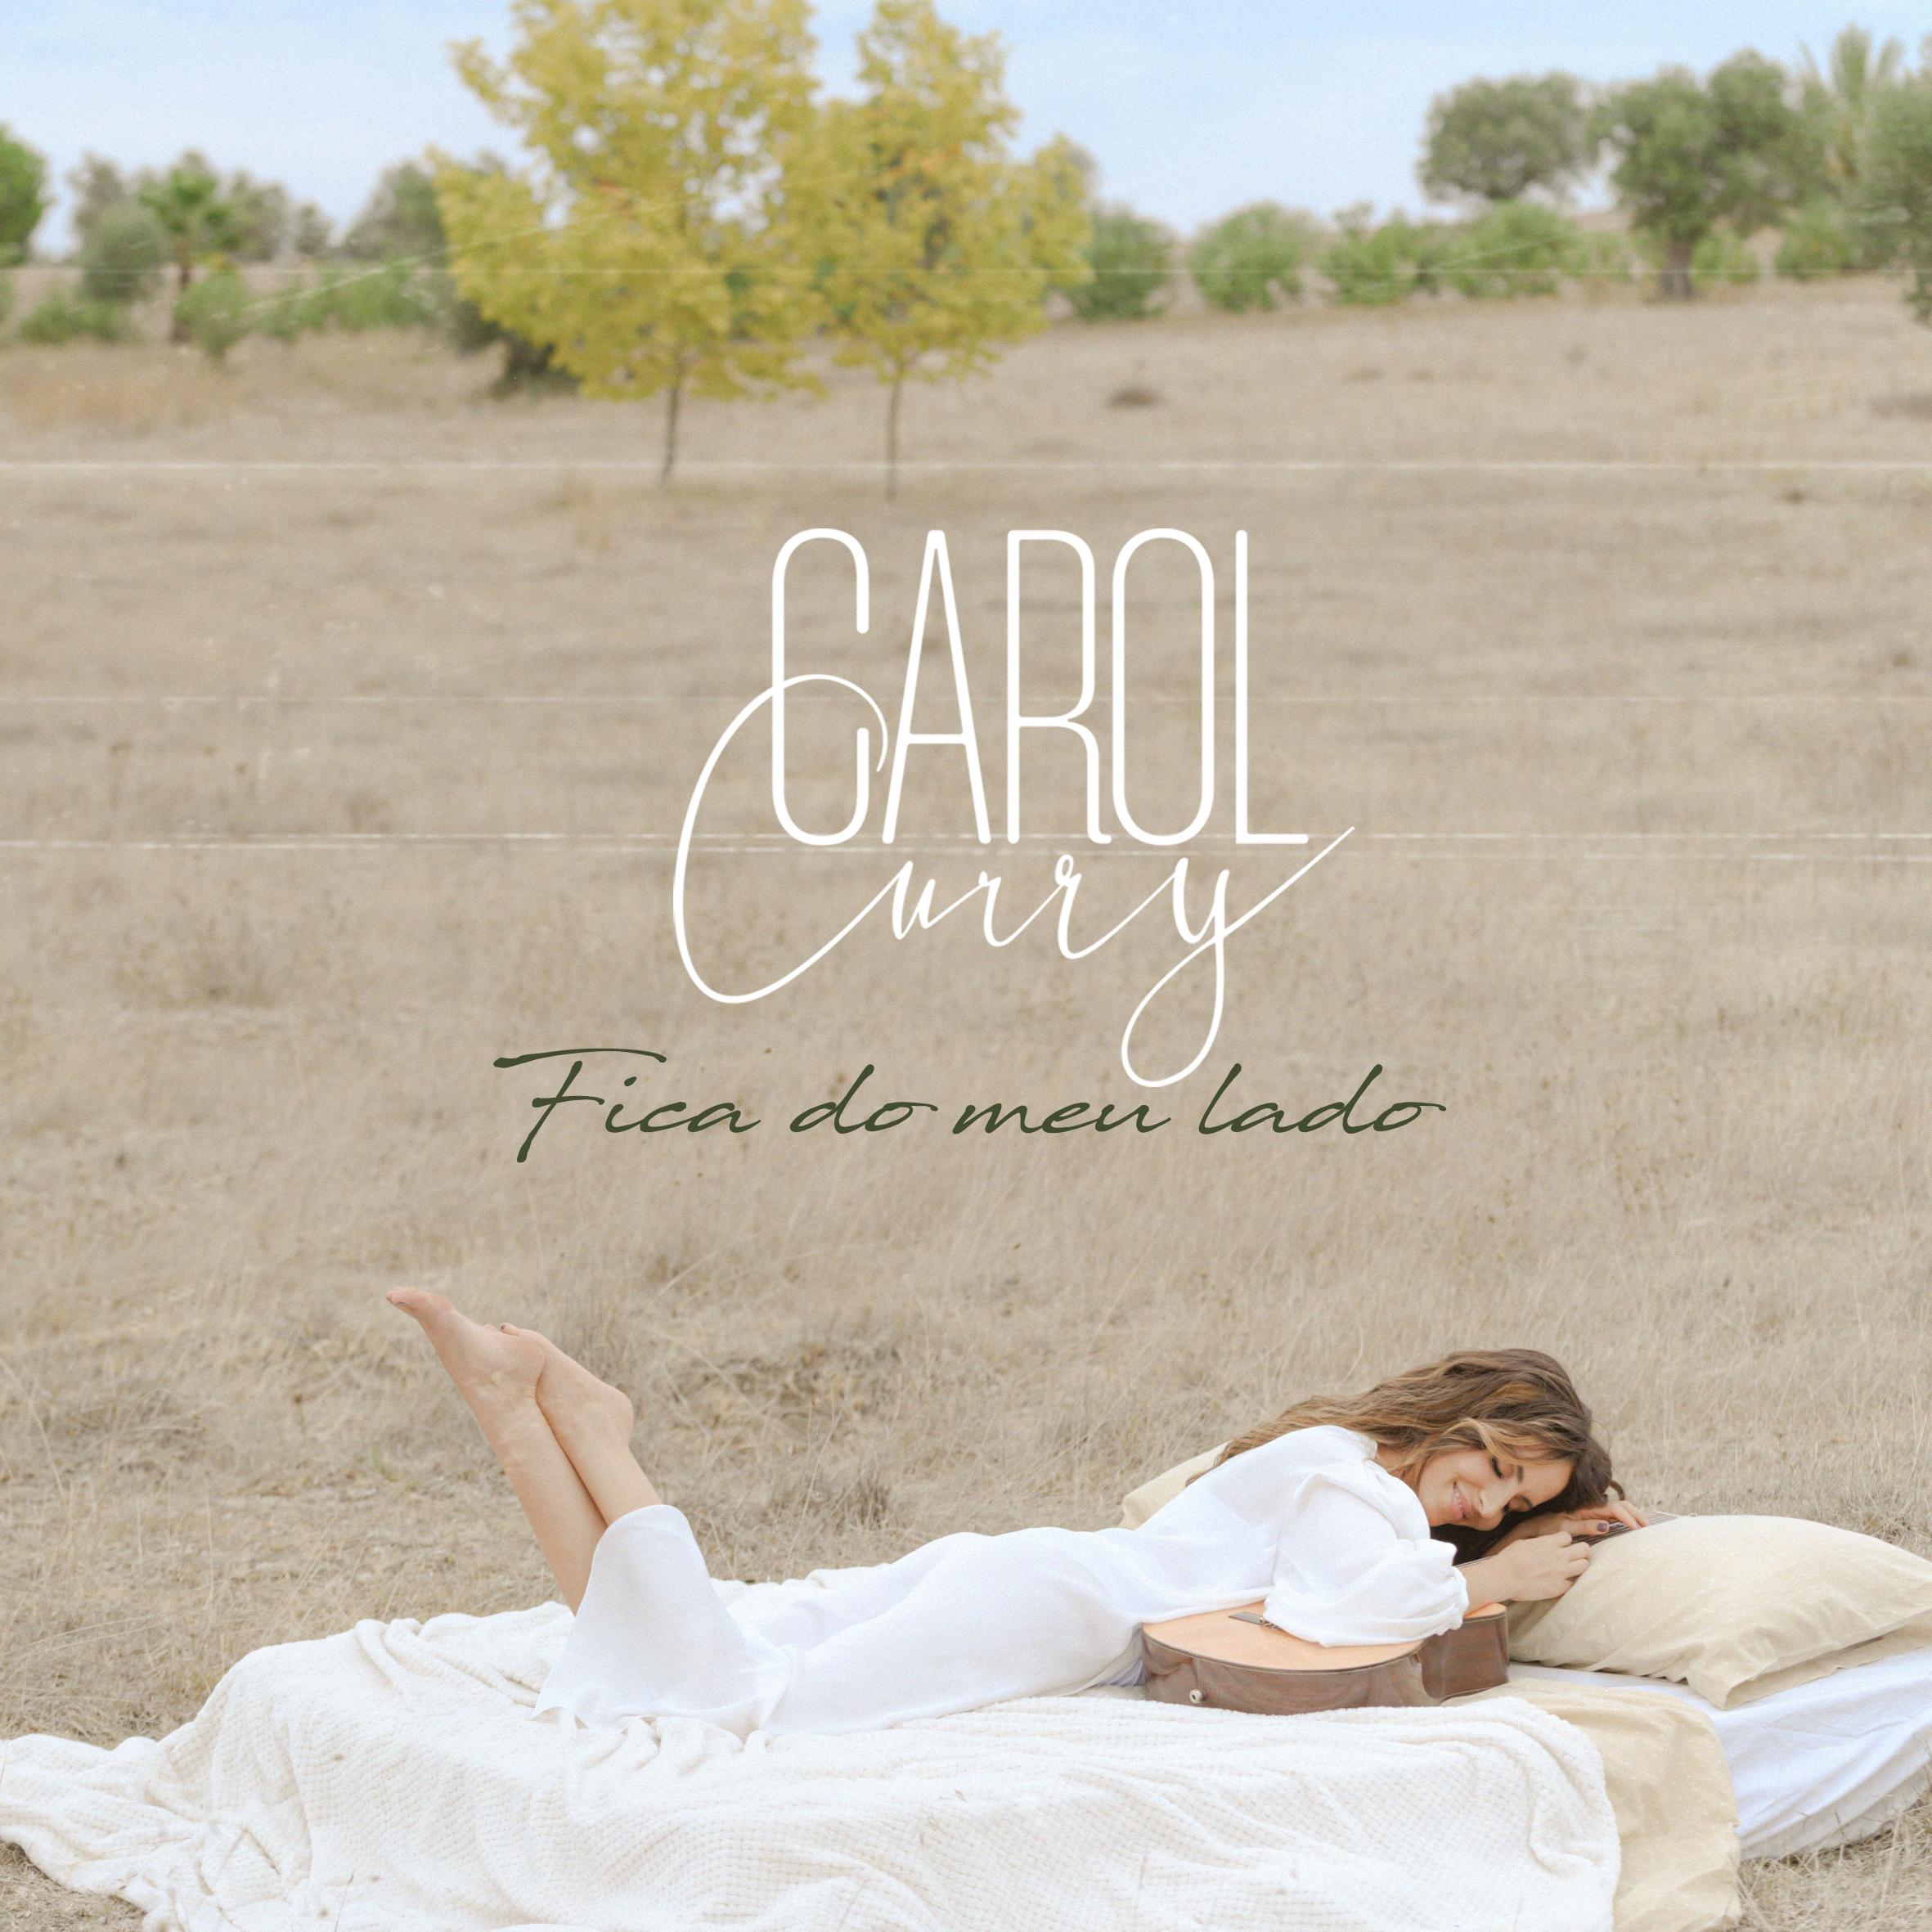 Carol Curry – Fica do Meu Lado